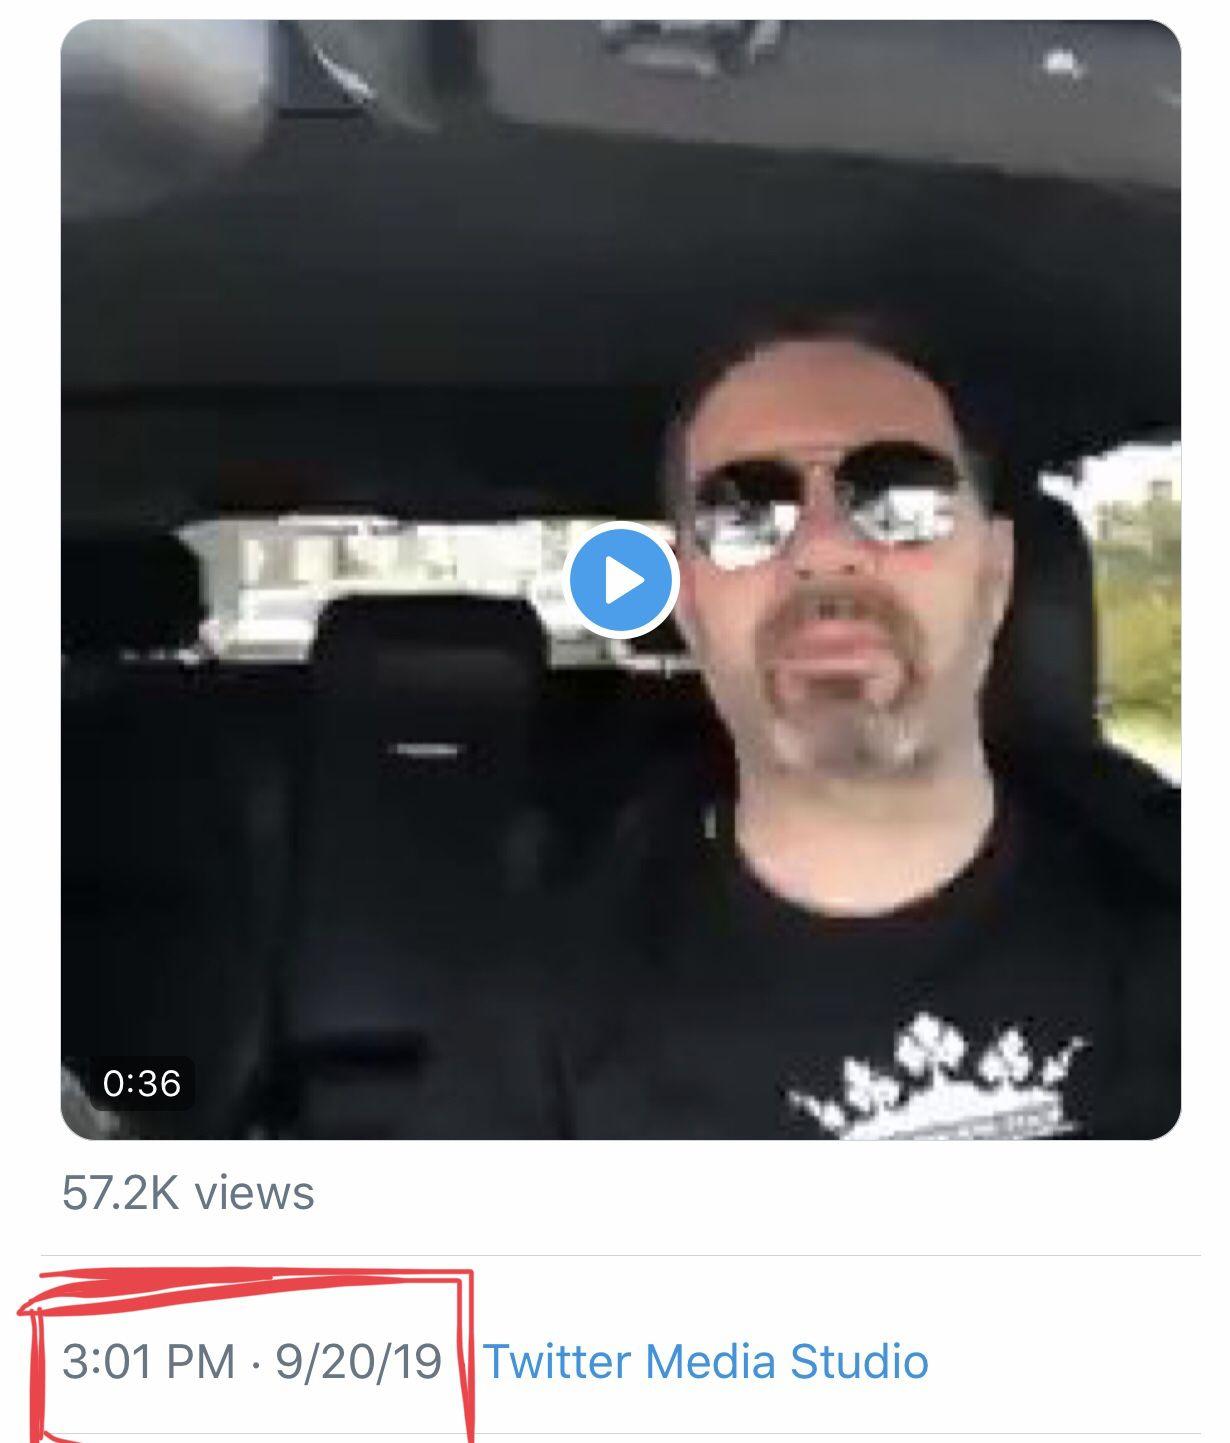 اريخ ولحظة نشر فيديو وائل جسار